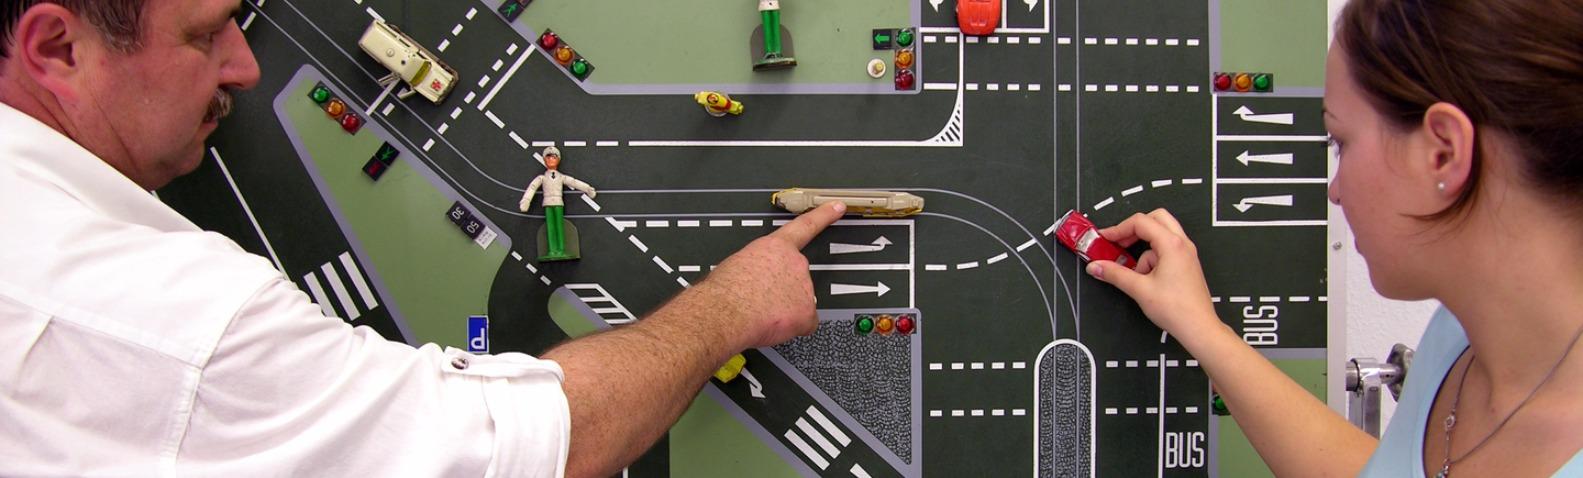 Fahrlehrer Roland Herter erklärt einer Schülerin an einer Tafel den Verkehrsablauf.